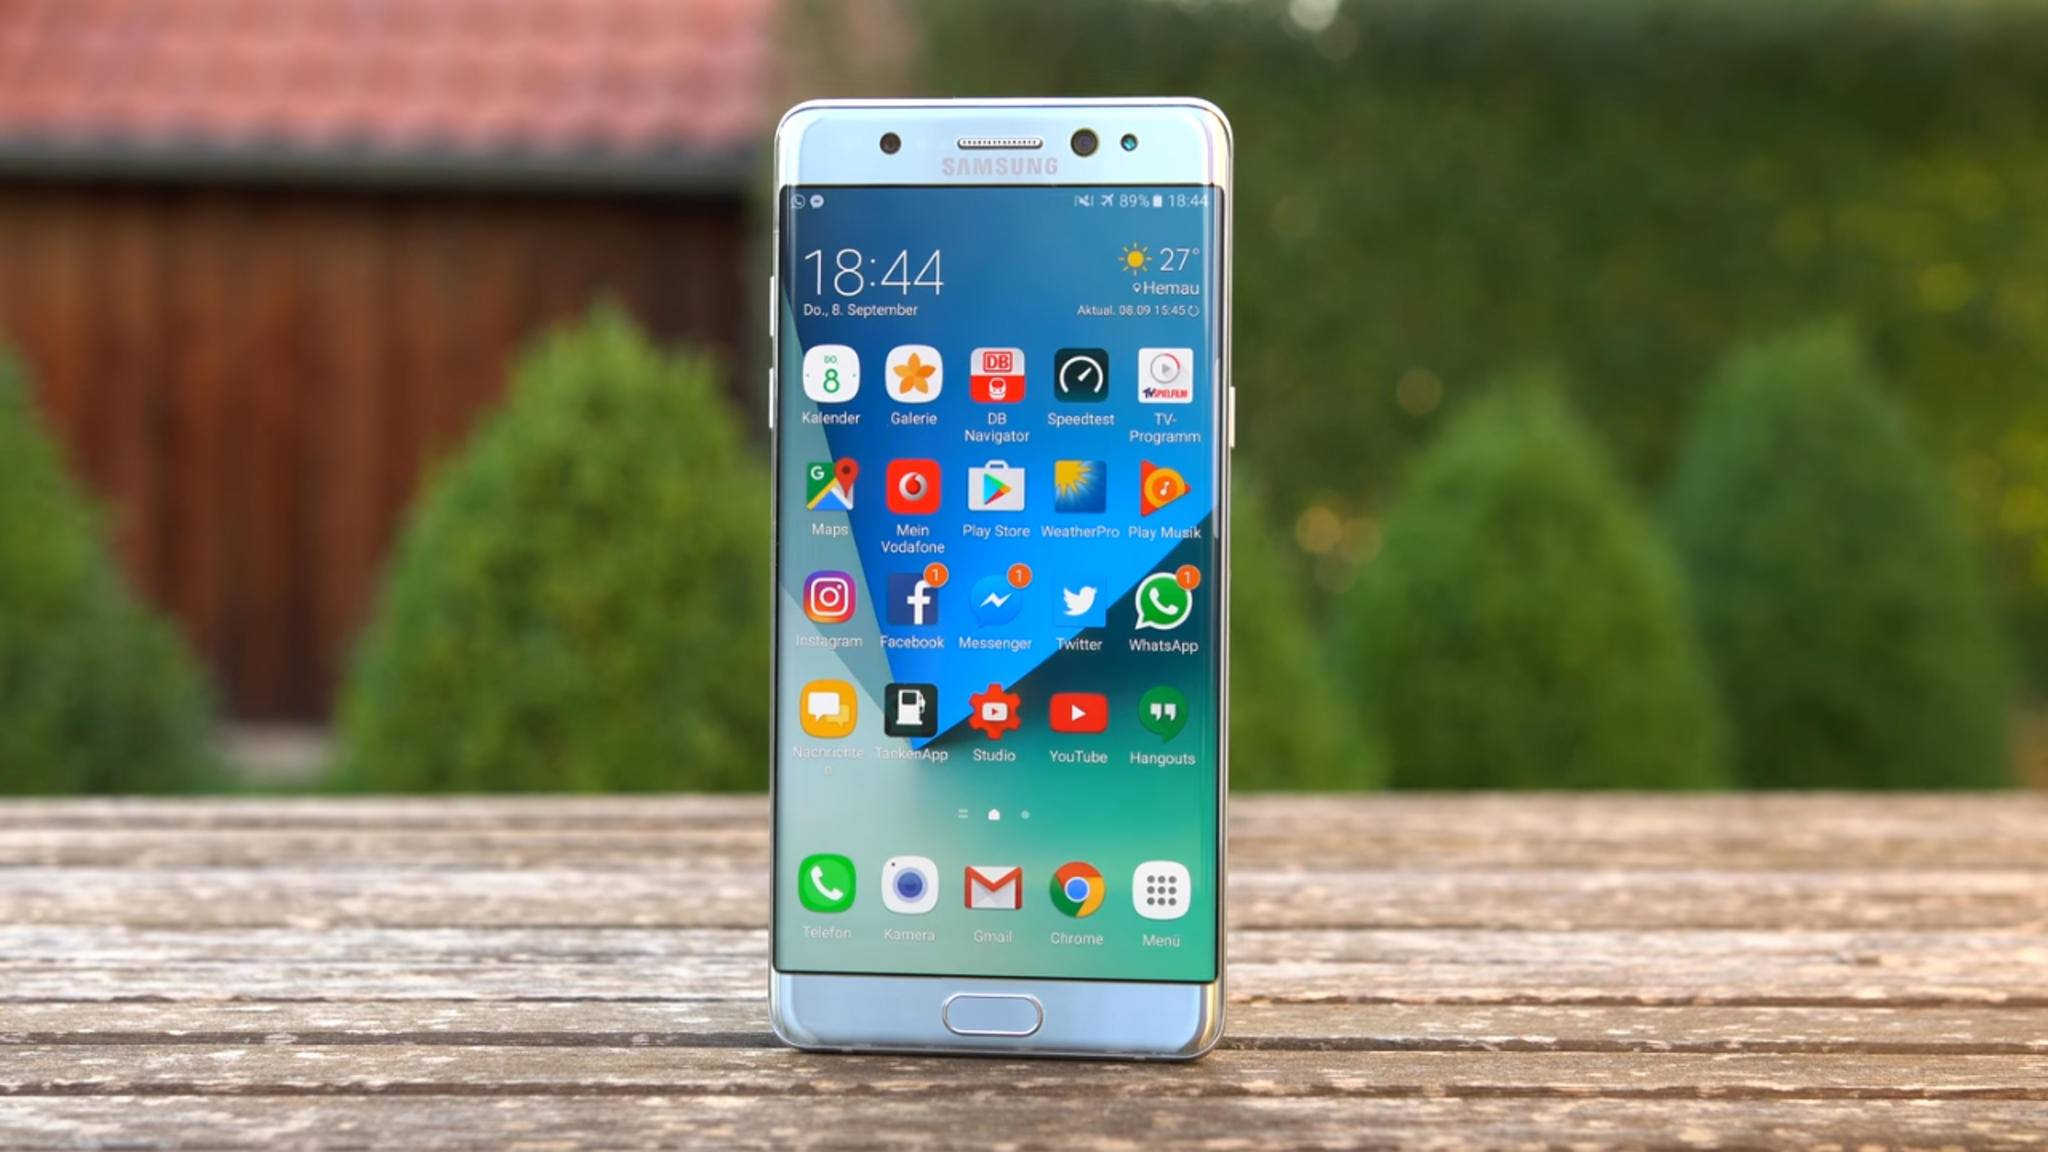 Kommt das Galaxy S8 Plus an die Screen-Größe des Galaxy Note 7 (Bild) heran?